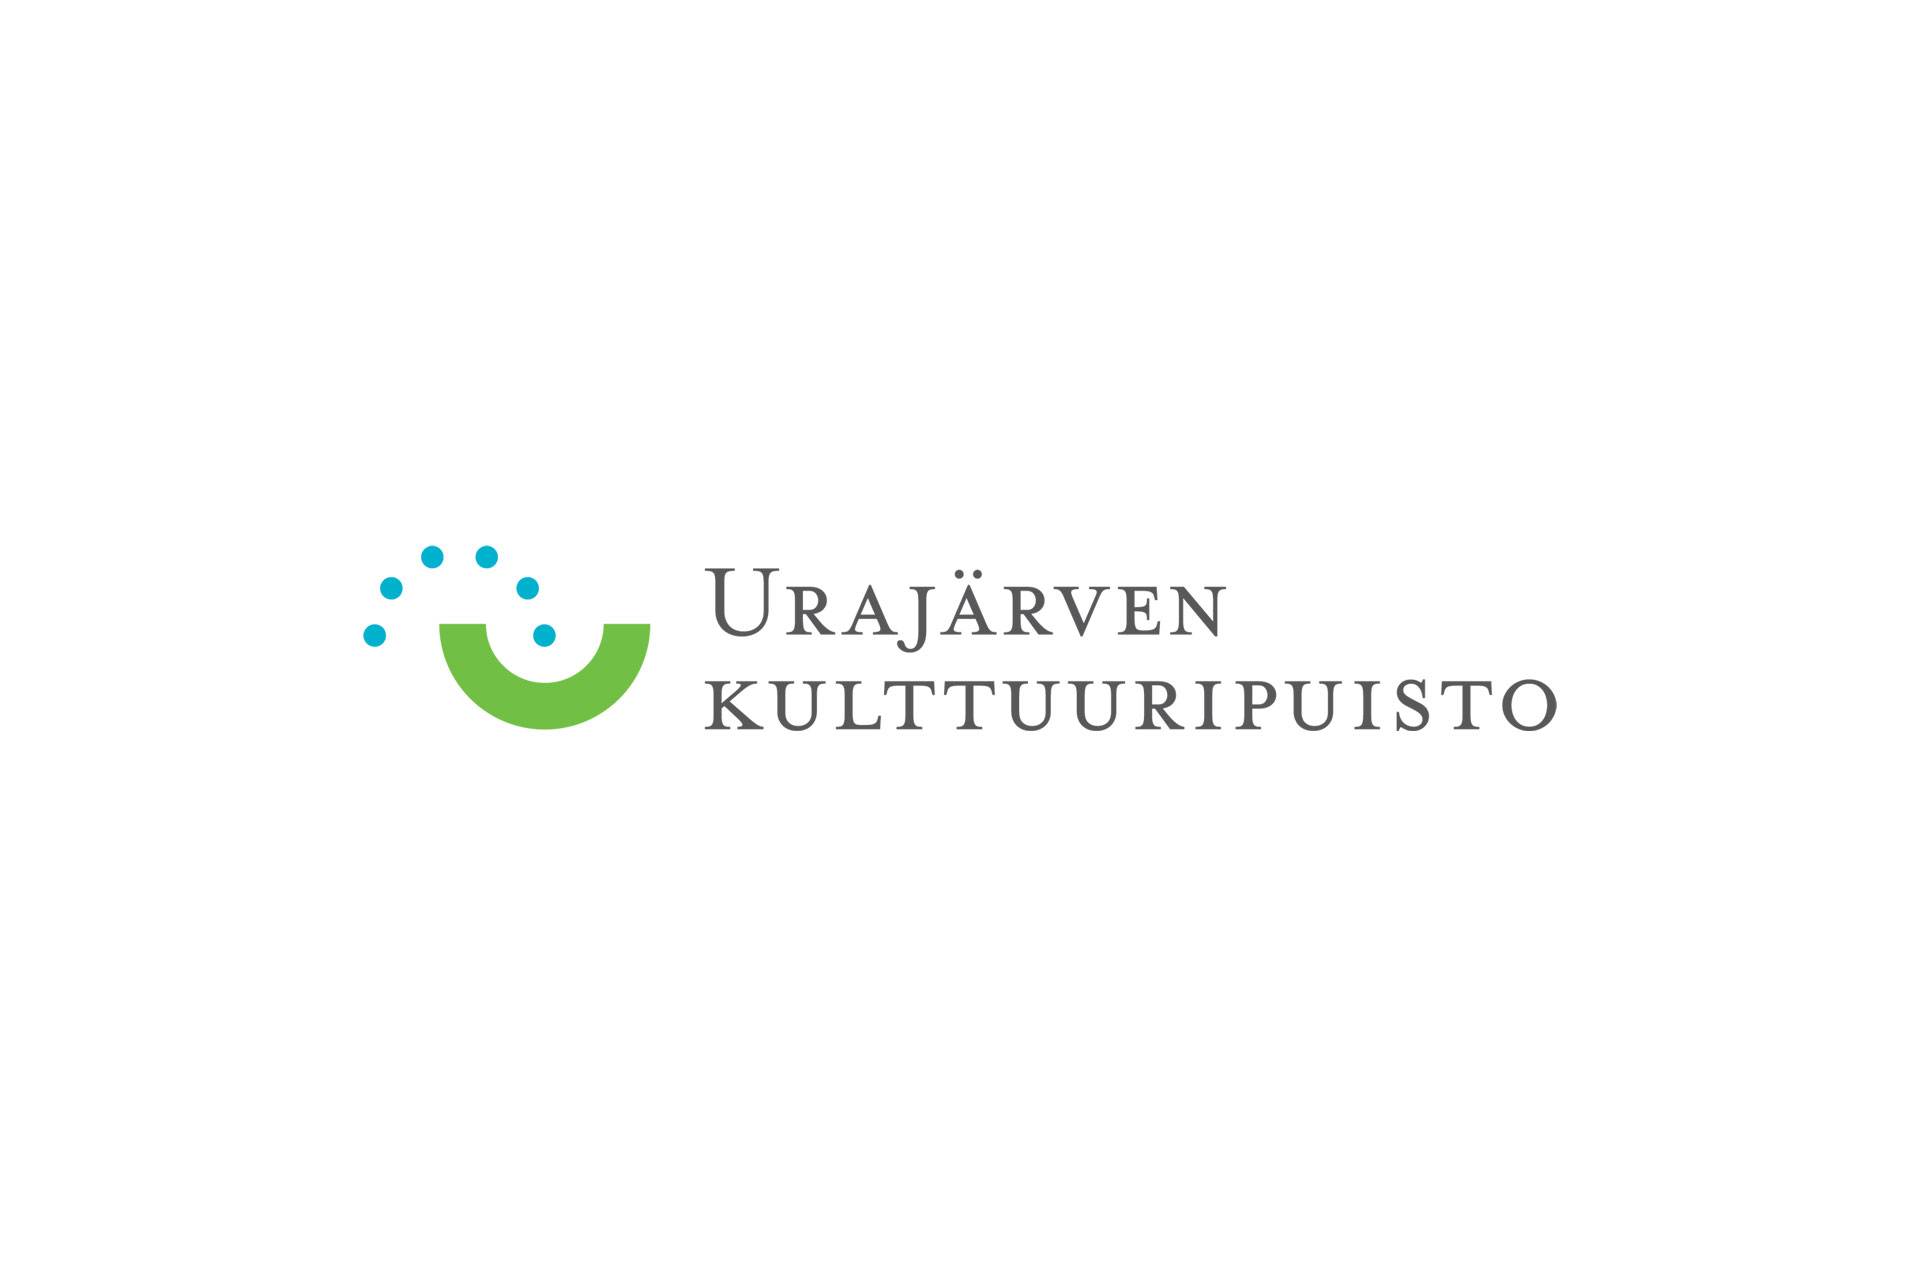 urajarvi_logo